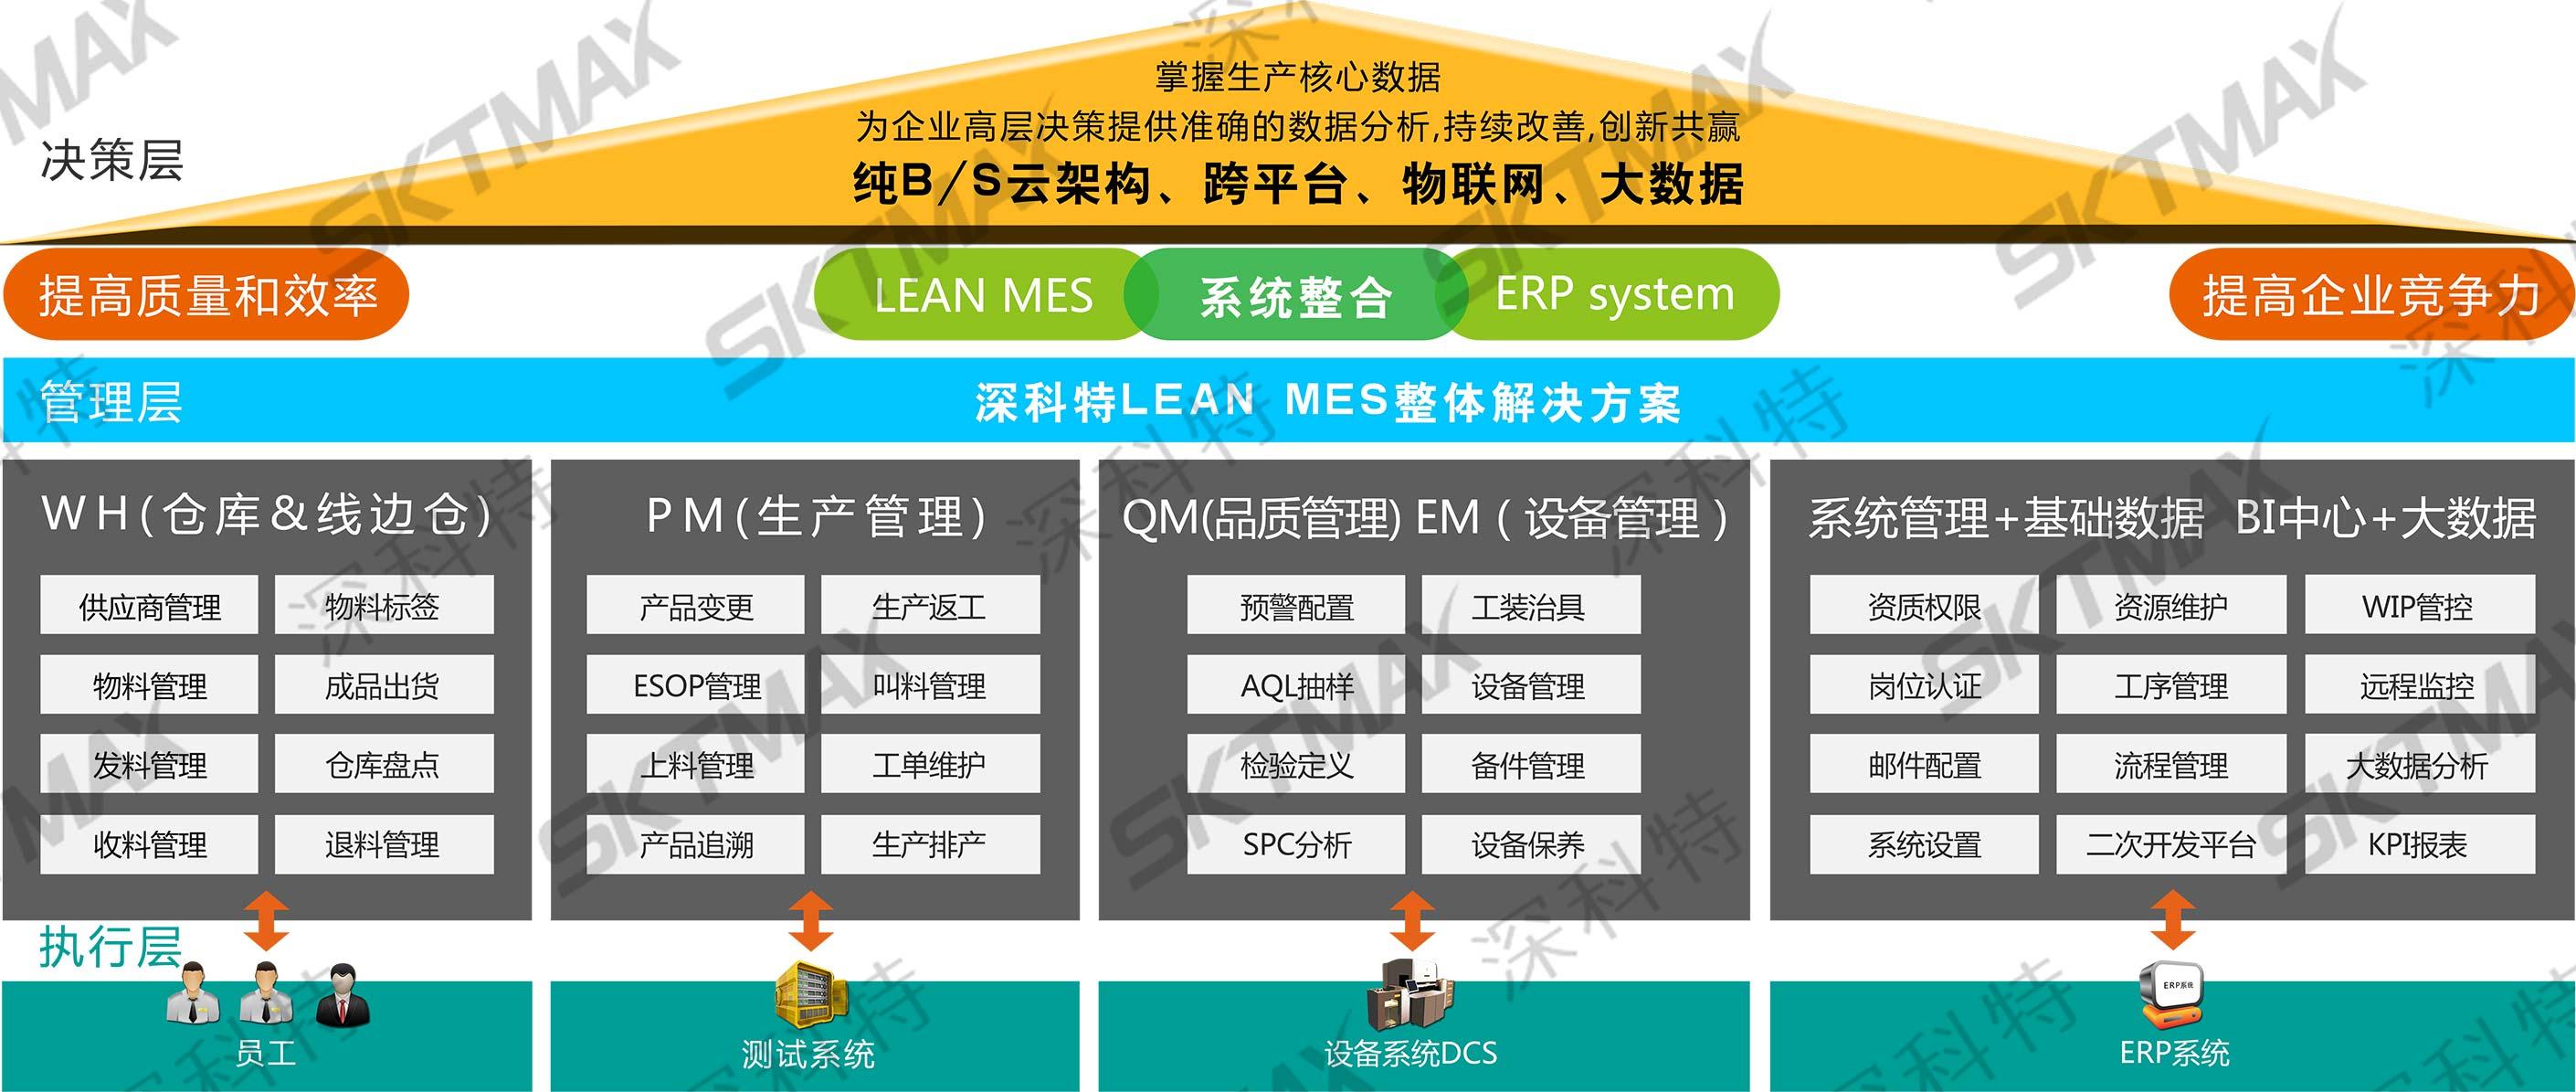 深科特诚意招募MES系统代理商,合作伙伴